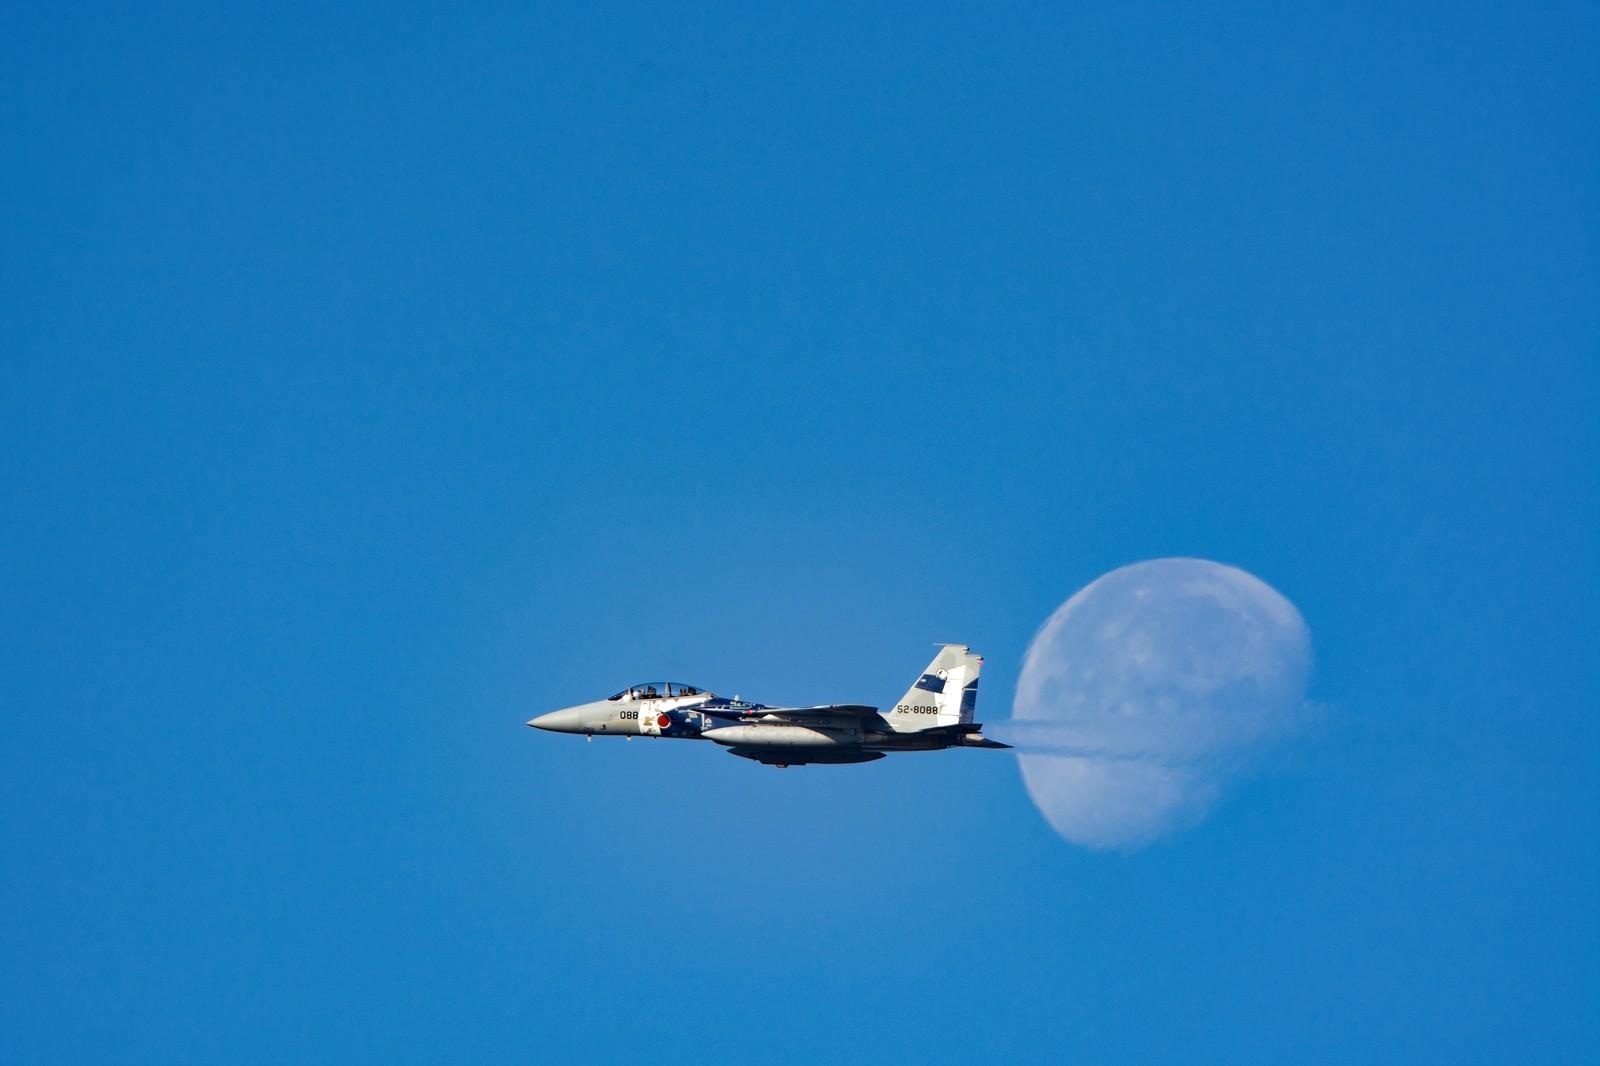 「月を横切る飛行教導群のF-15月を横切る飛行教導群のF-15」のフリー写真素材を拡大